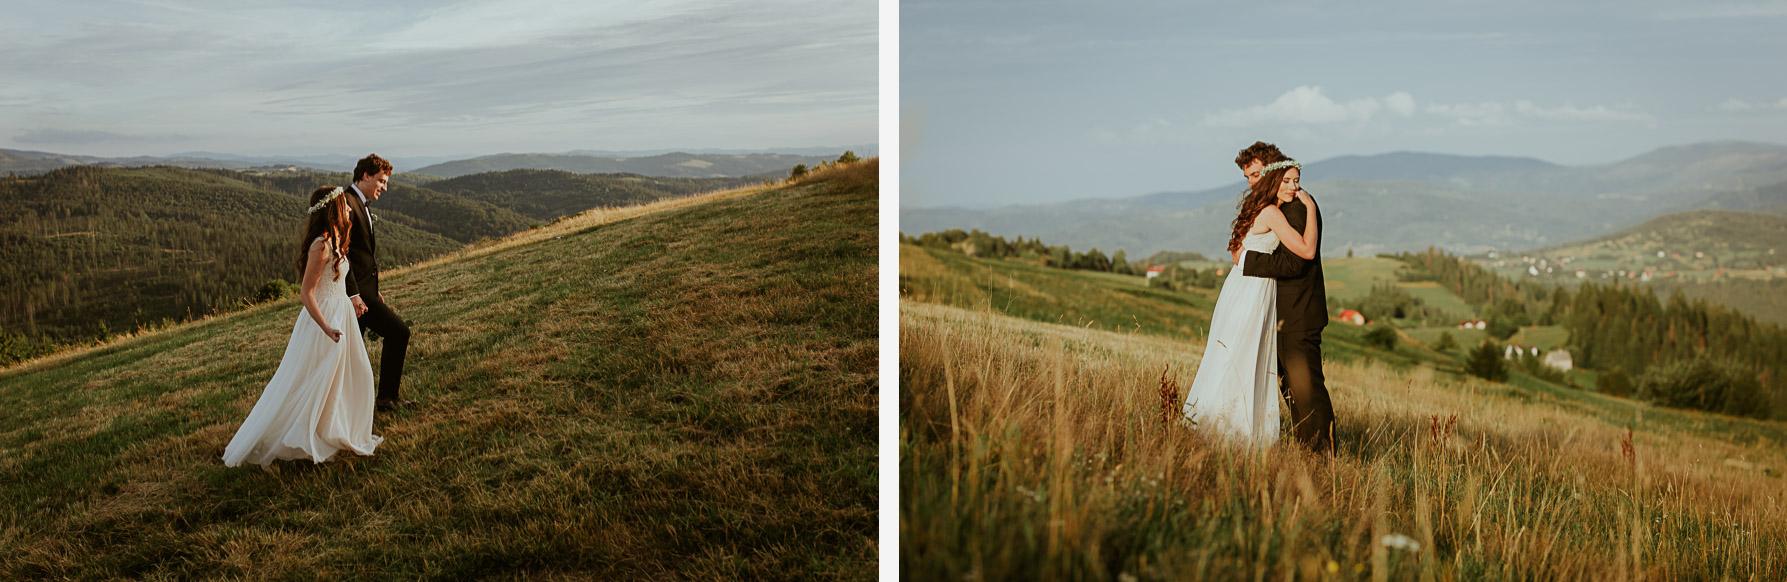 Sesja Ślubna w górach jesienią 163 a26